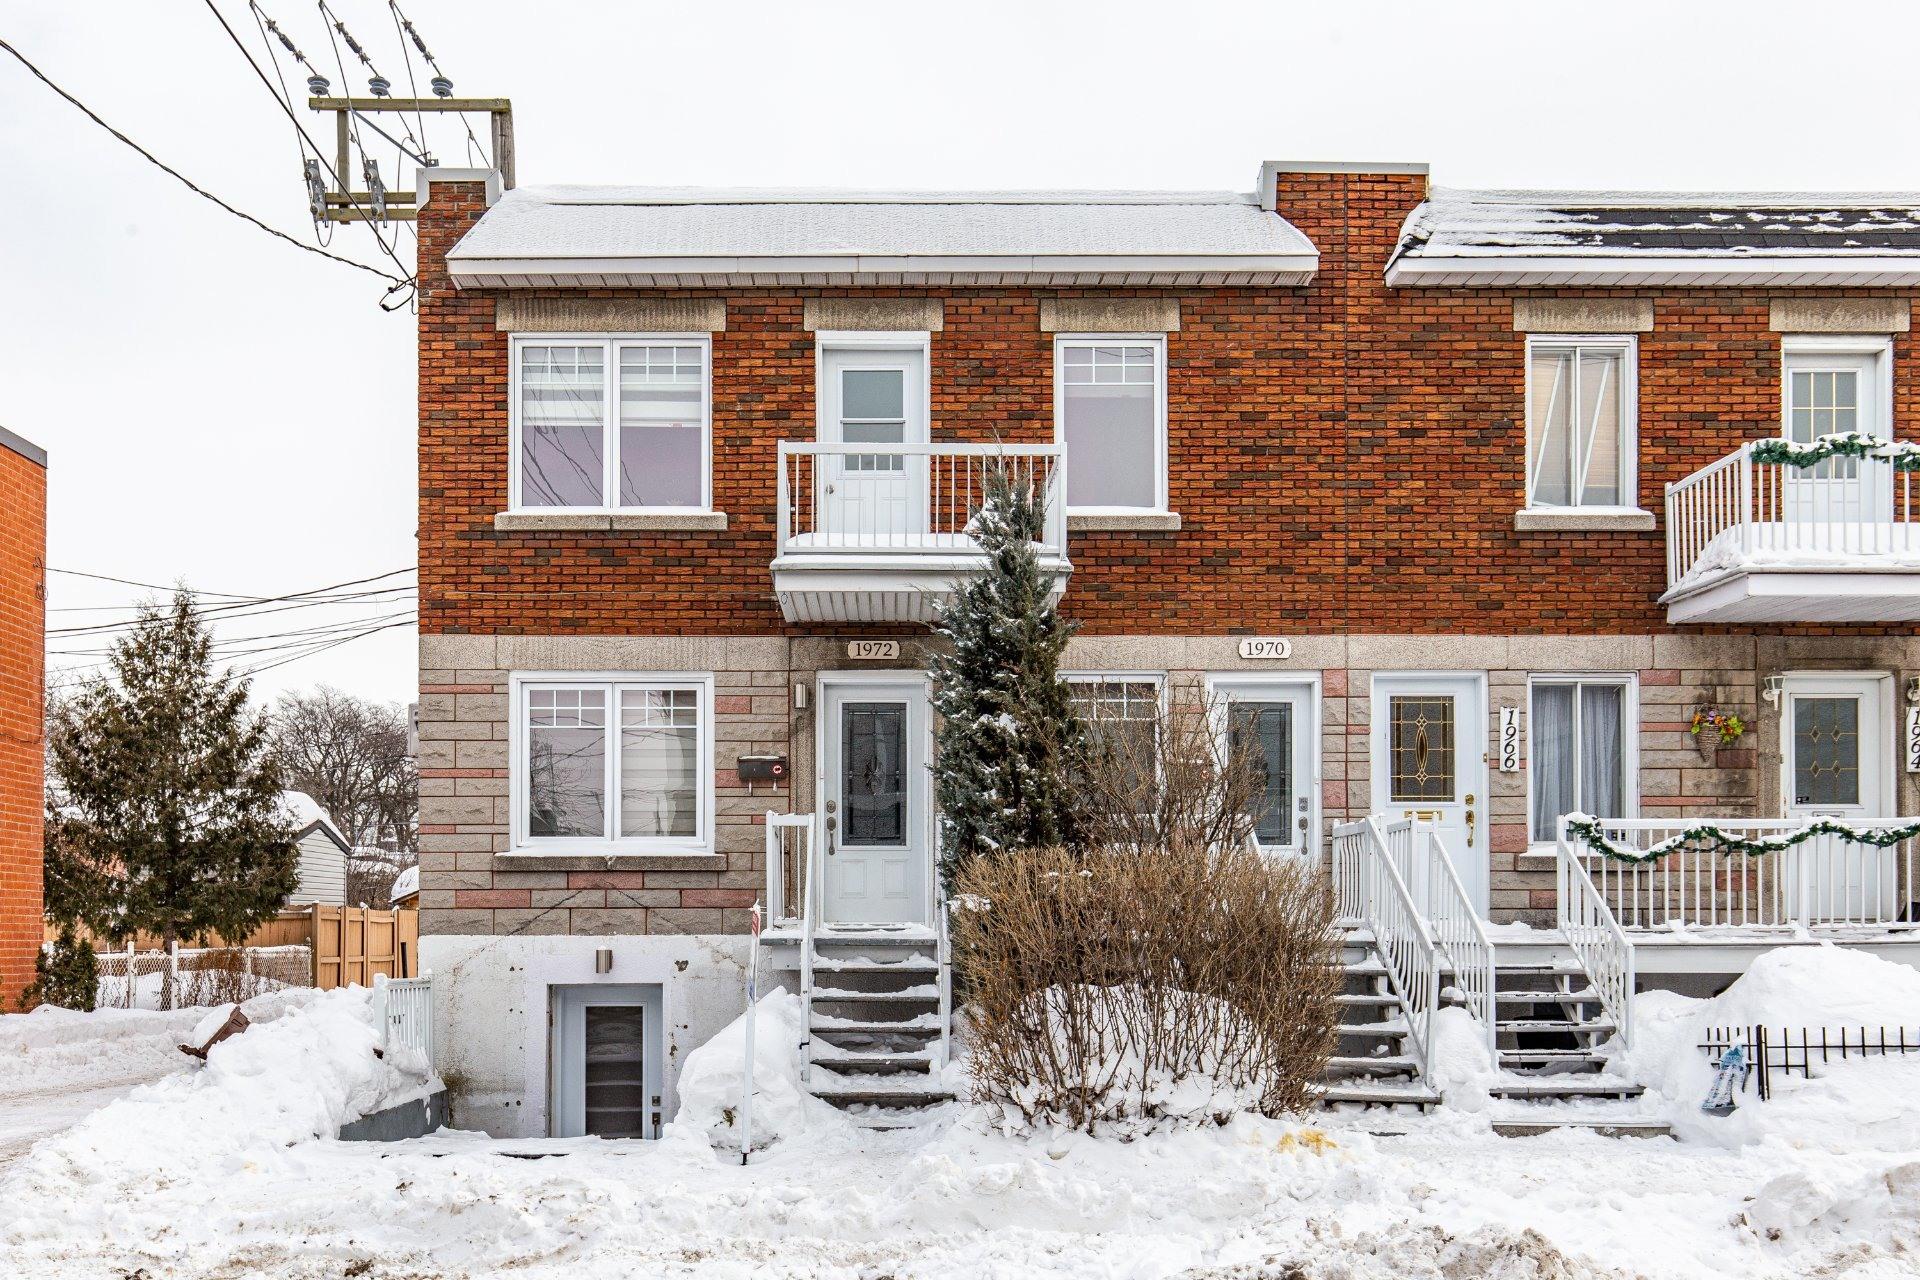 image 27 - Duplex À vendre Villeray/Saint-Michel/Parc-Extension Montréal  - 5 pièces